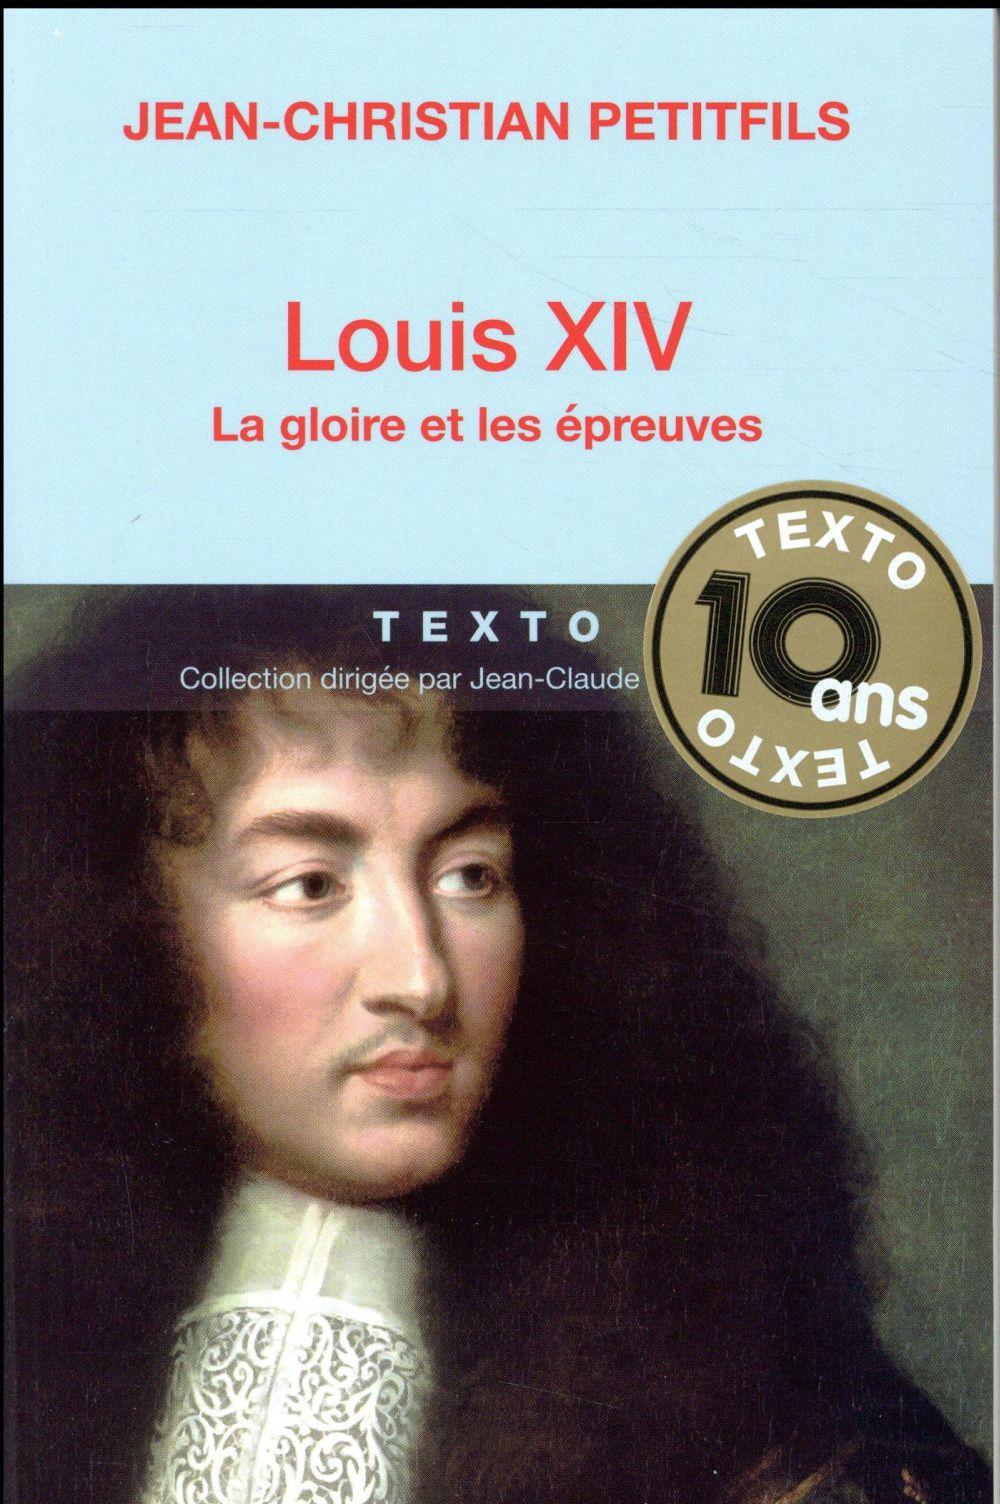 LOUIS XIV LA GLOIRE ET LES EPREUVES